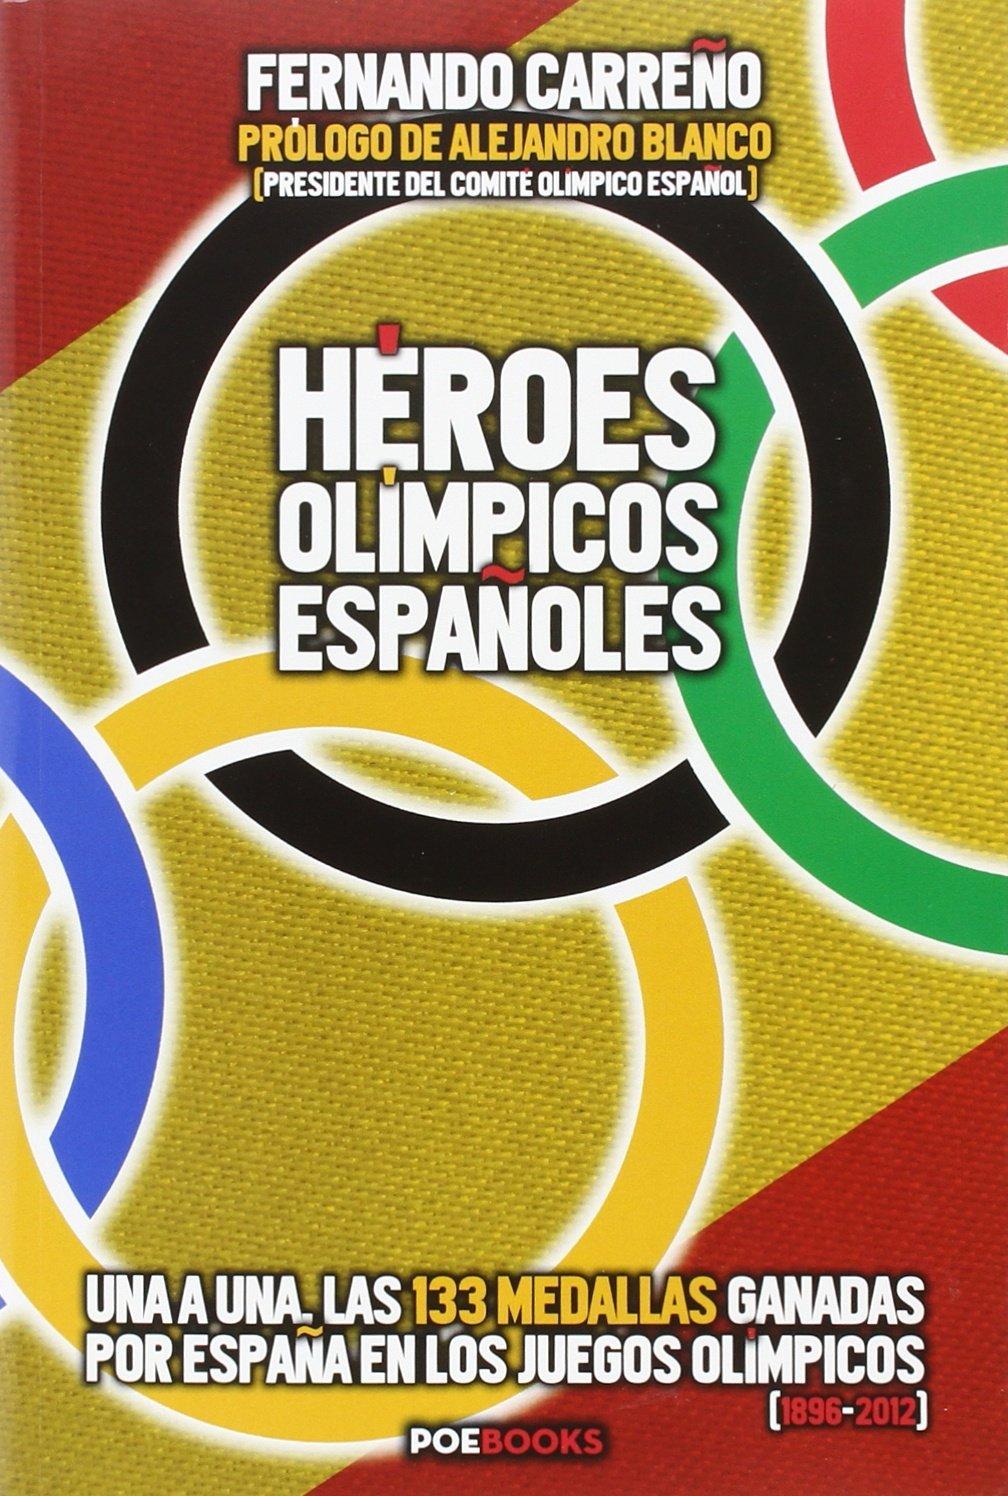 Héroes Olímpicos Españoles: Amazon.es: Carreño Ocaña, Fernando, LINARES CLEMENTE, MIGUEL ÁNGEL: Libros